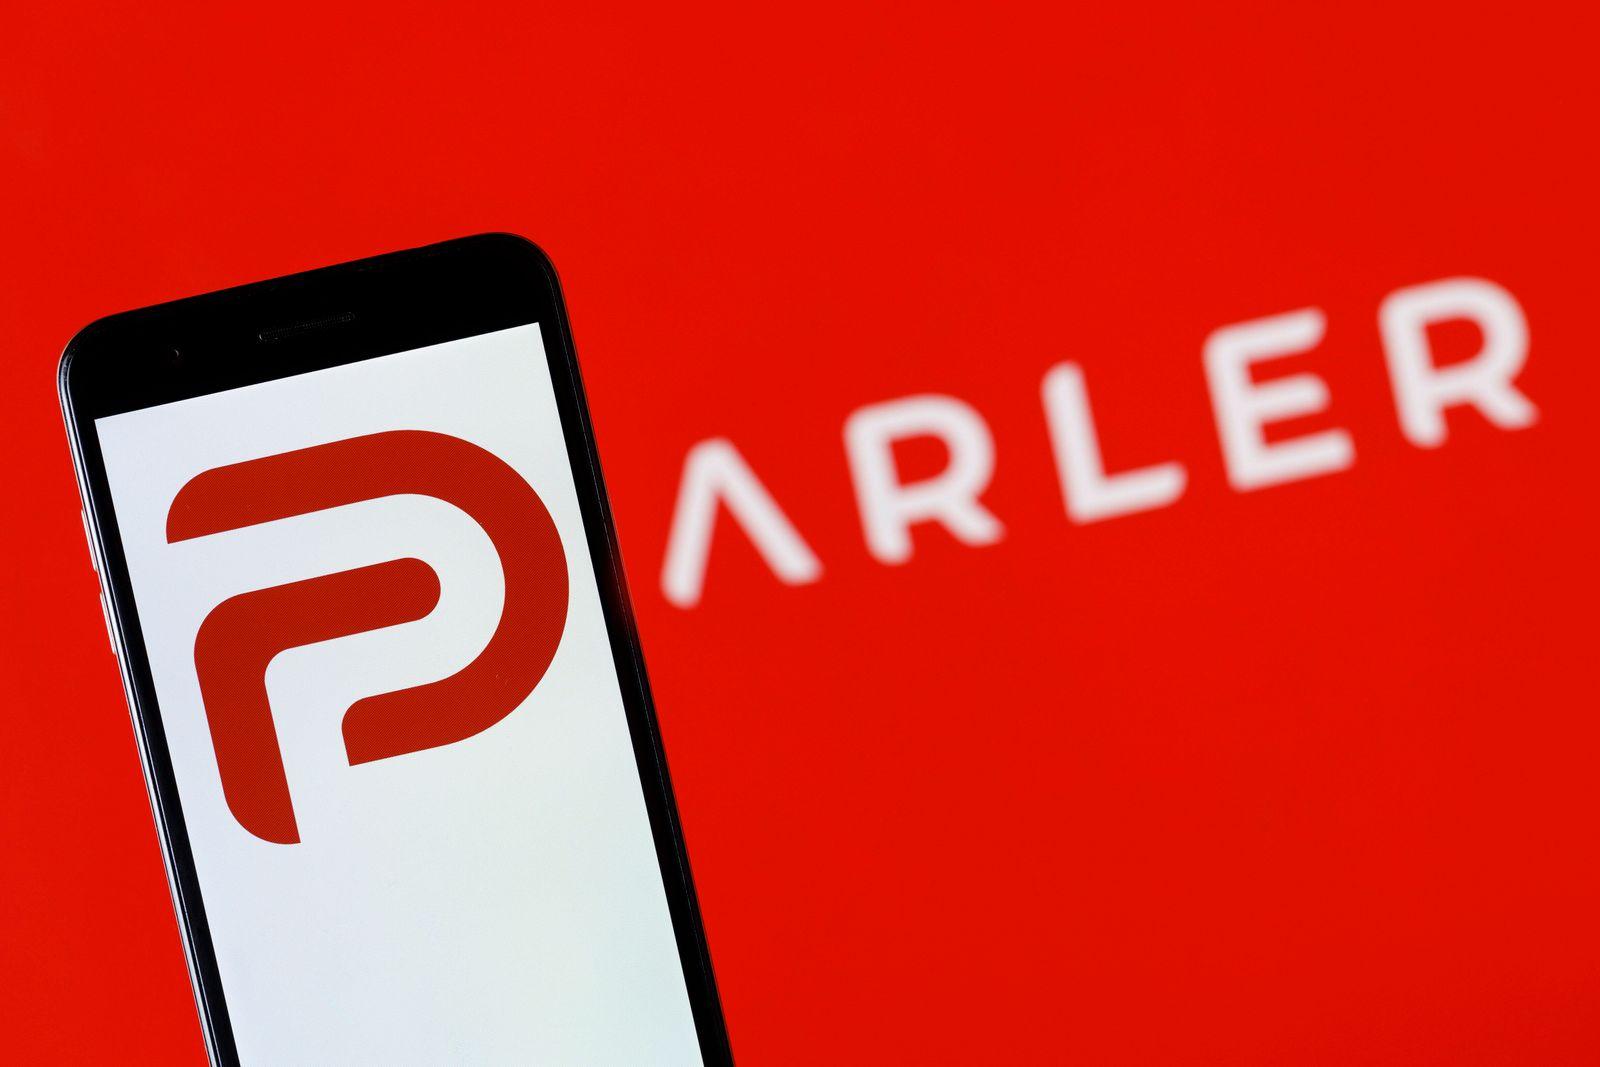 Parler-Logo auf einem Handy vor einem Bildschirm mit dem Parler-Schriftzug. Einen Tag nach Google haben auch Apple und